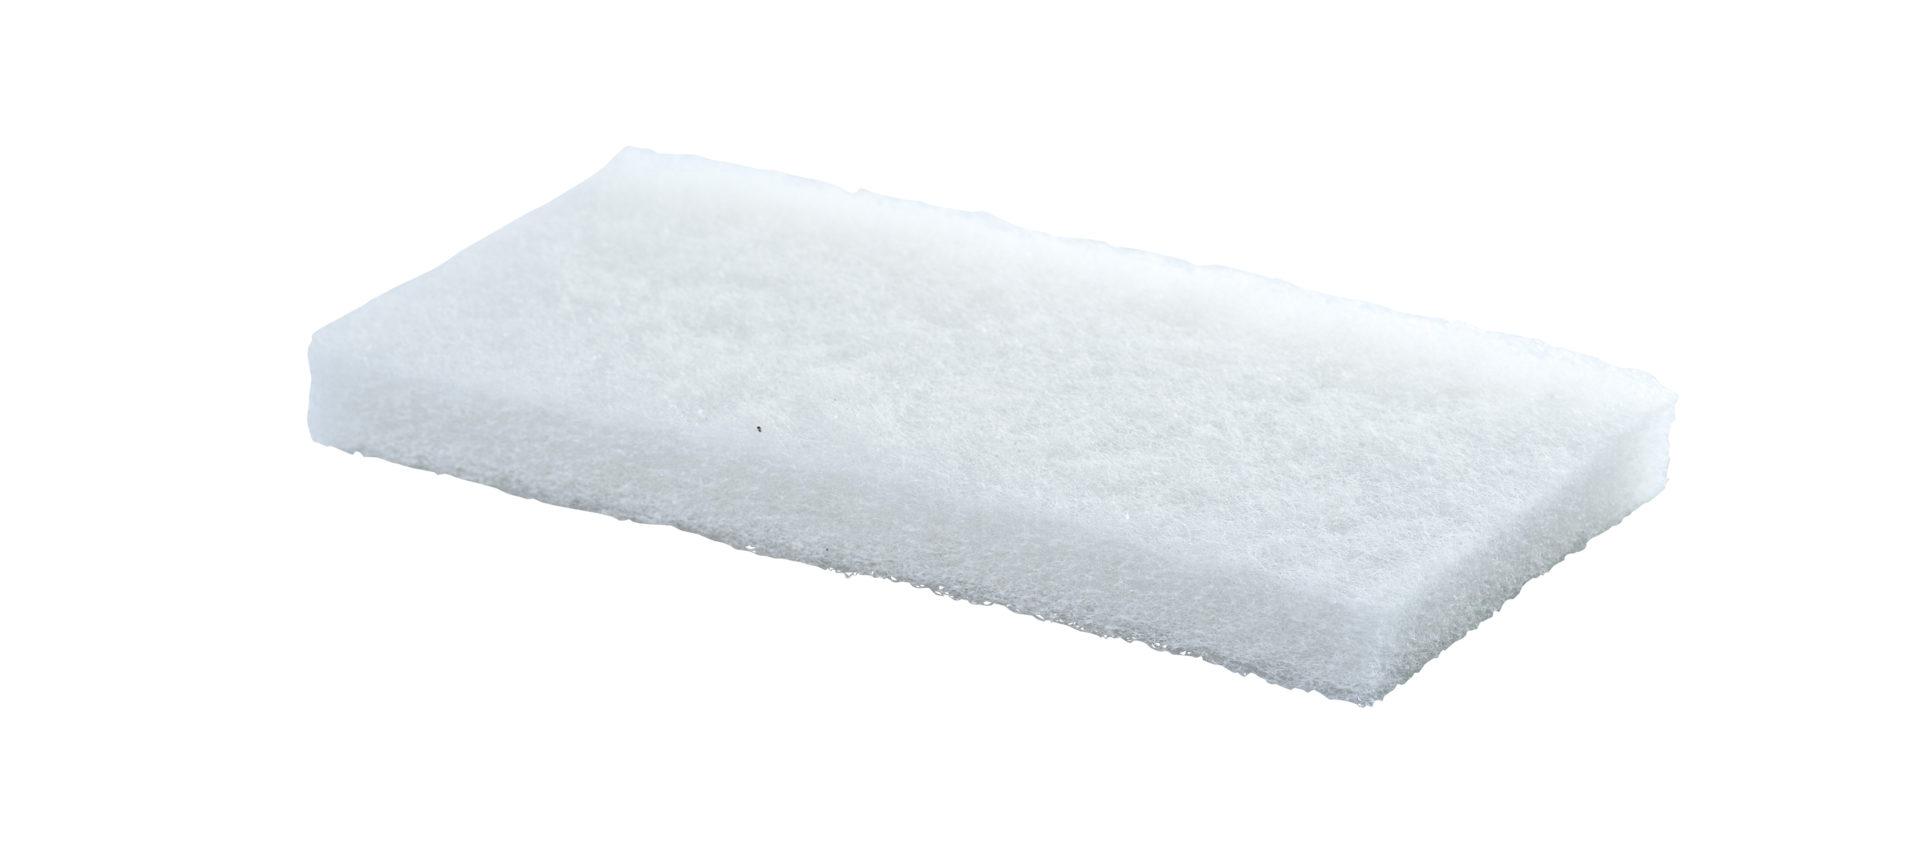 Ce feutre blanc à la densité peu abrasive ne creuse pas les joints epoxy et ne raye pas les carreaux.